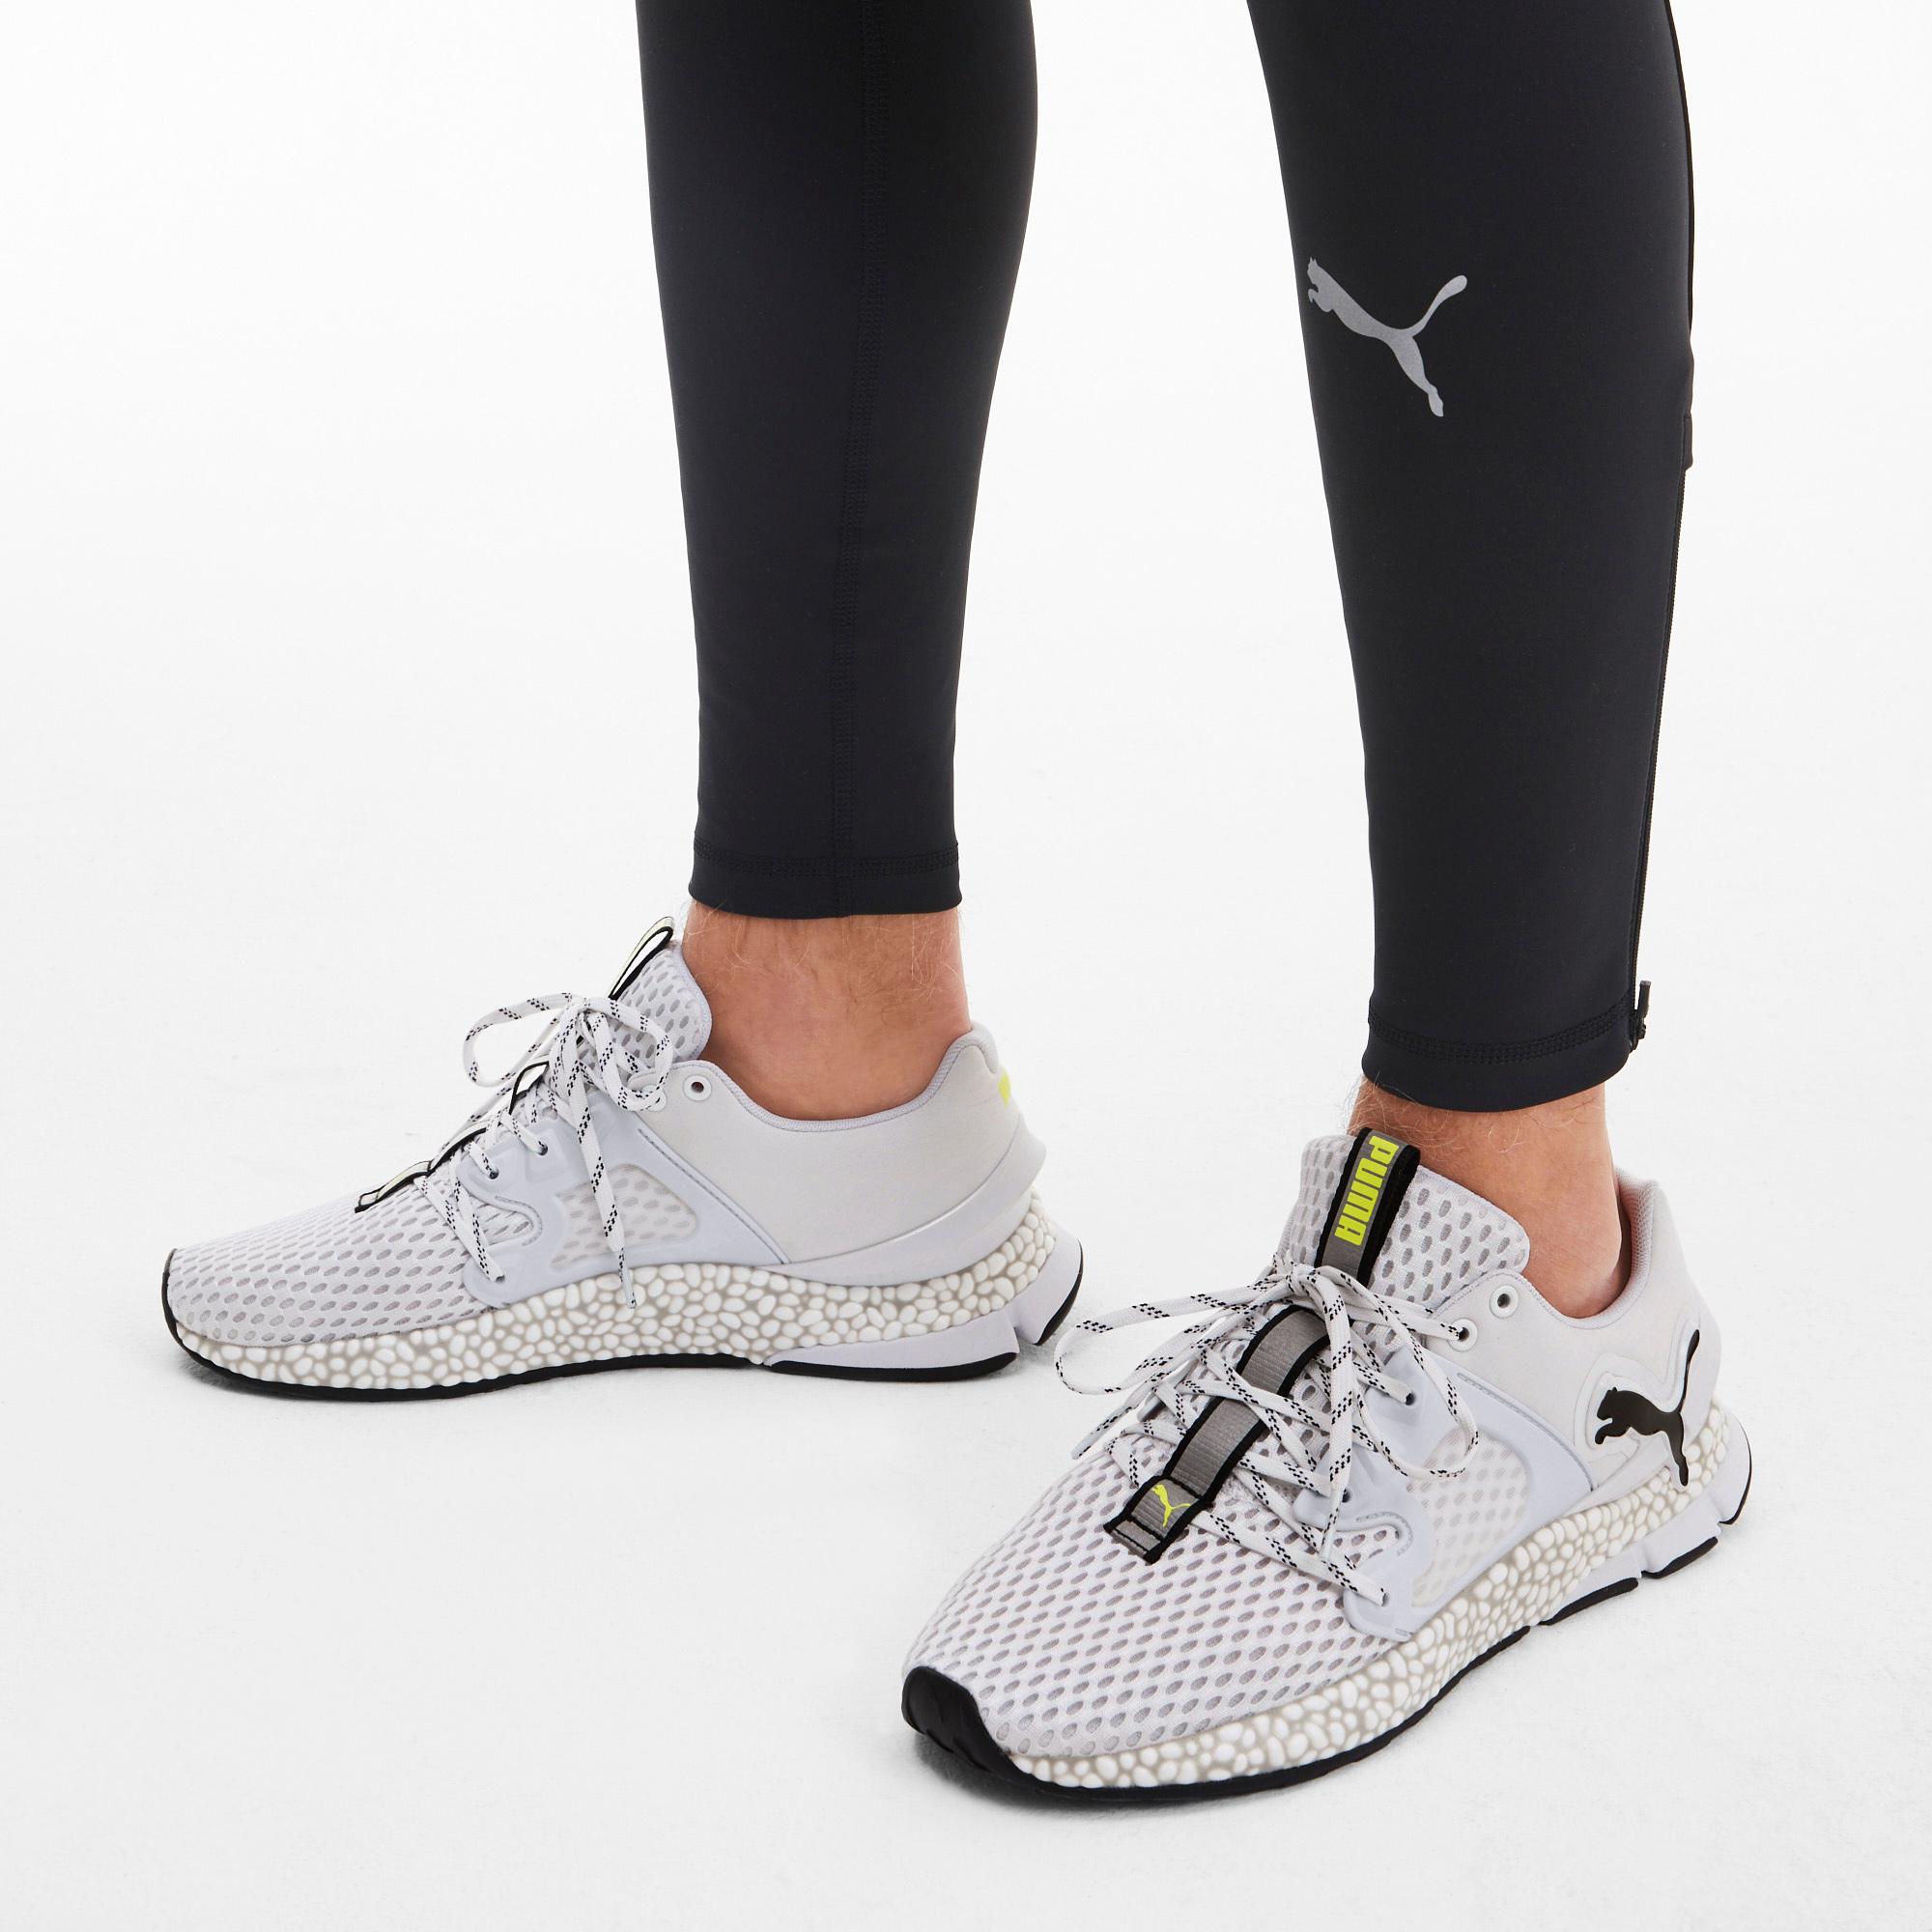 compensar Diligencia Clancy  Puma Hybrid Sky Erkek Beyaz Spor Ayakkabı Erkek Spor Ayakkabı ...